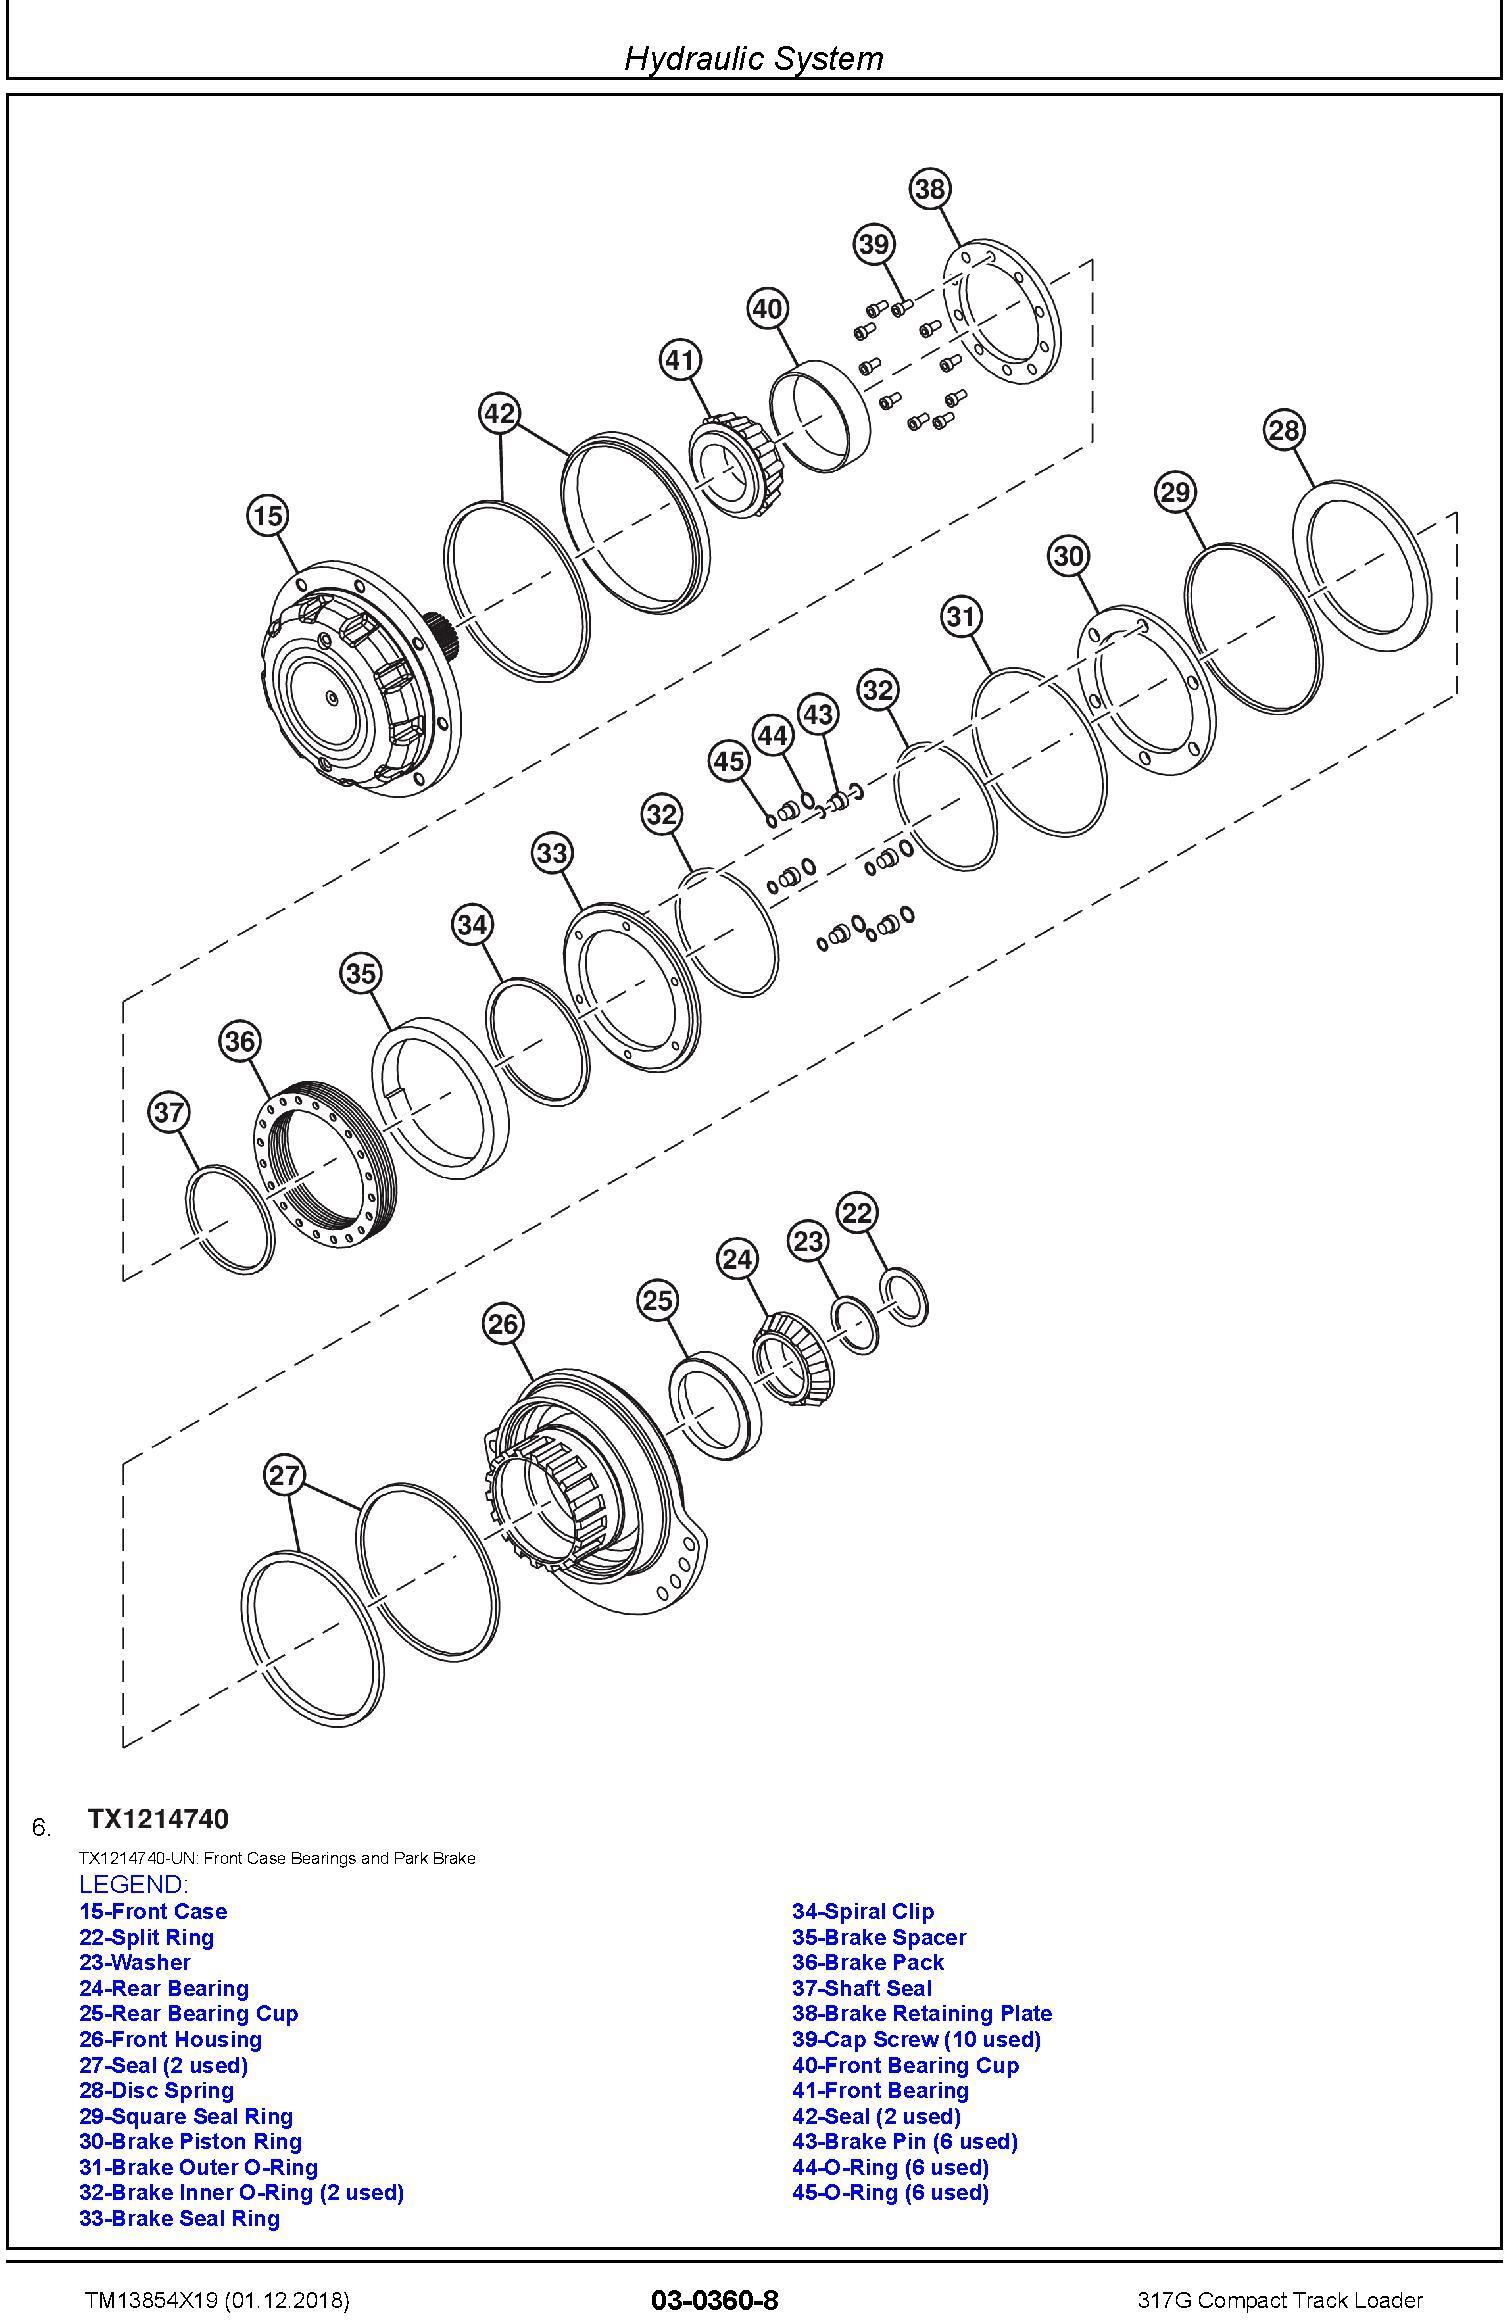 John Deere 317G Compact Track Loader Service Repair Manual (TM13854X19) - 1